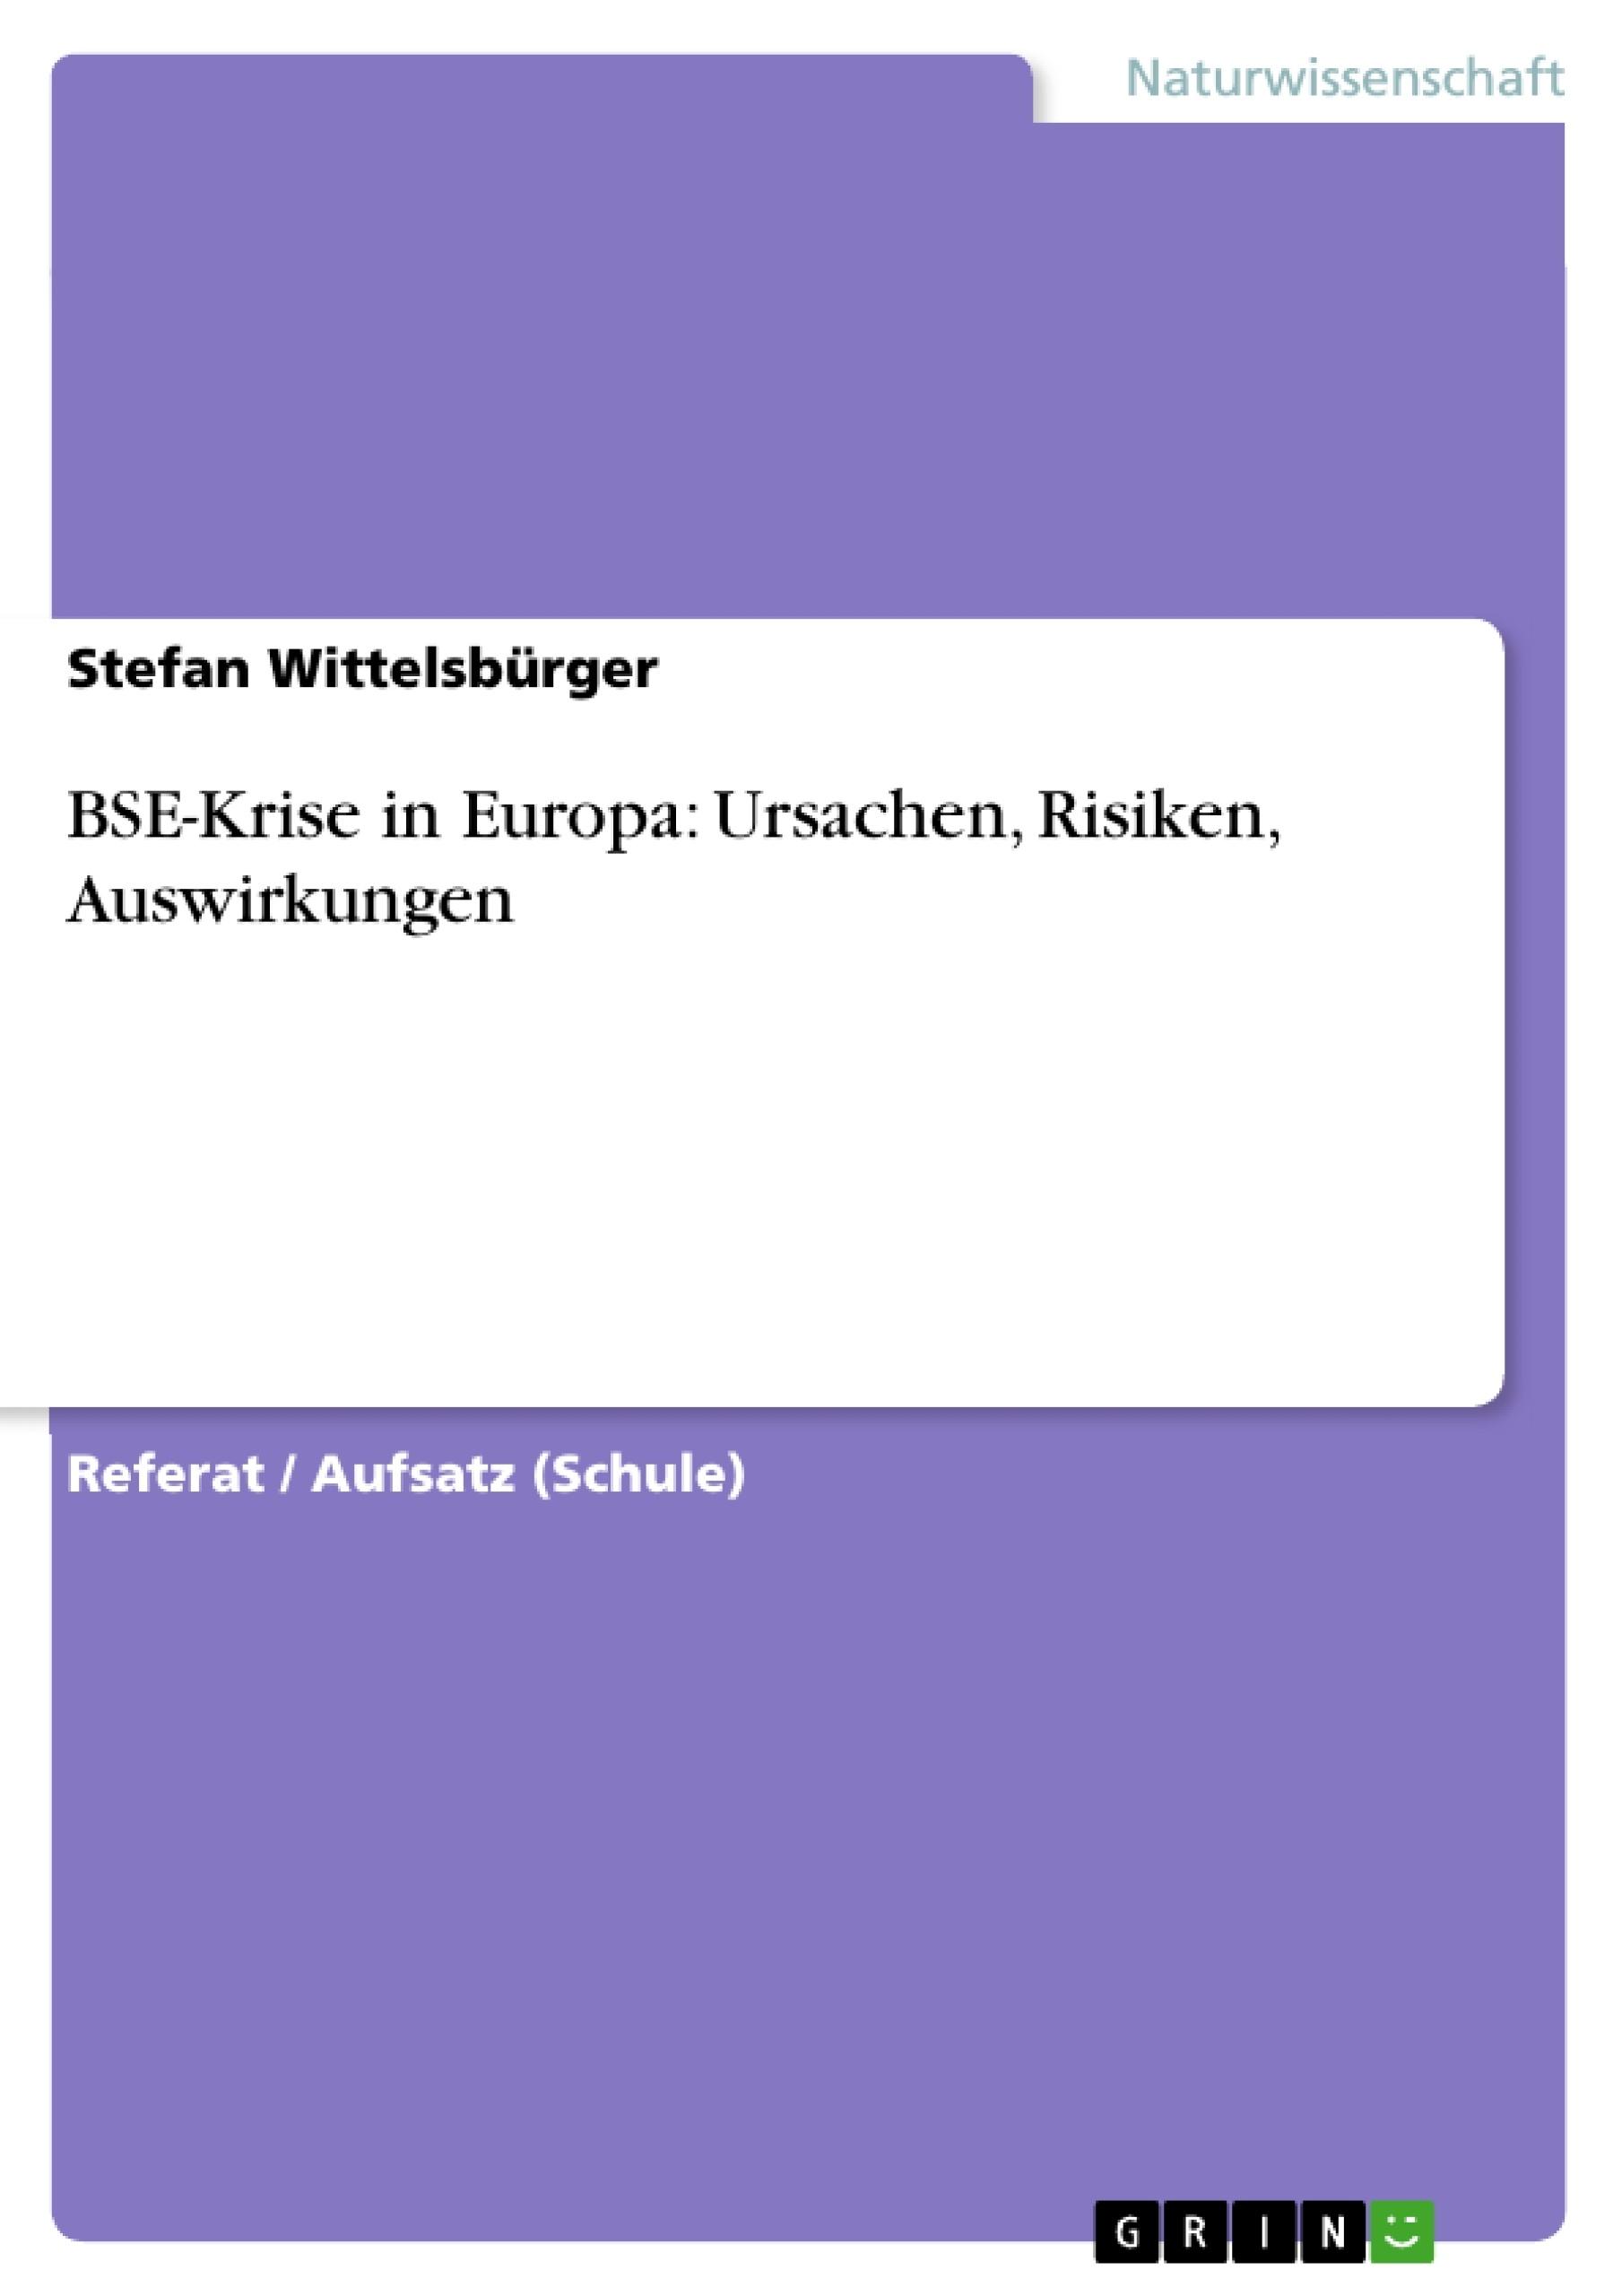 Titel: BSE-Krise in Europa: Ursachen, Risiken, Auswirkungen